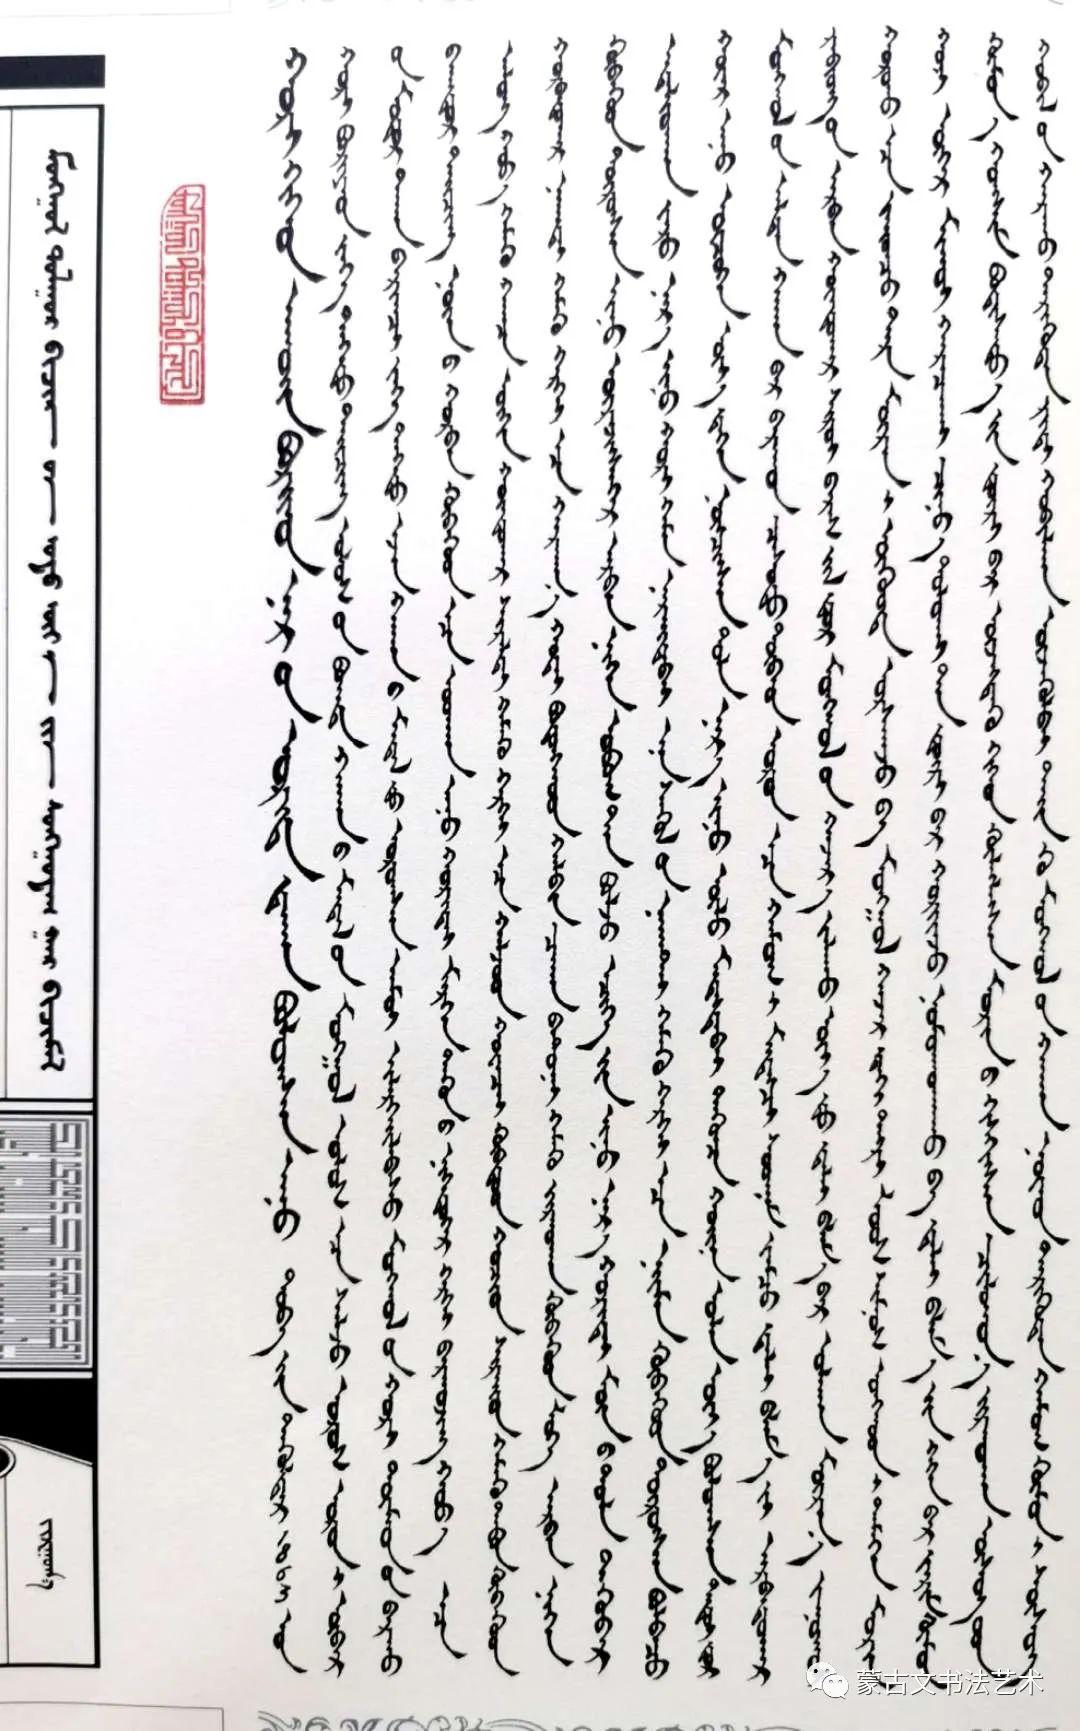 蒙古文经典文献当代书法名家手抄本之斯仁巴图《布里亚特史》 第10张